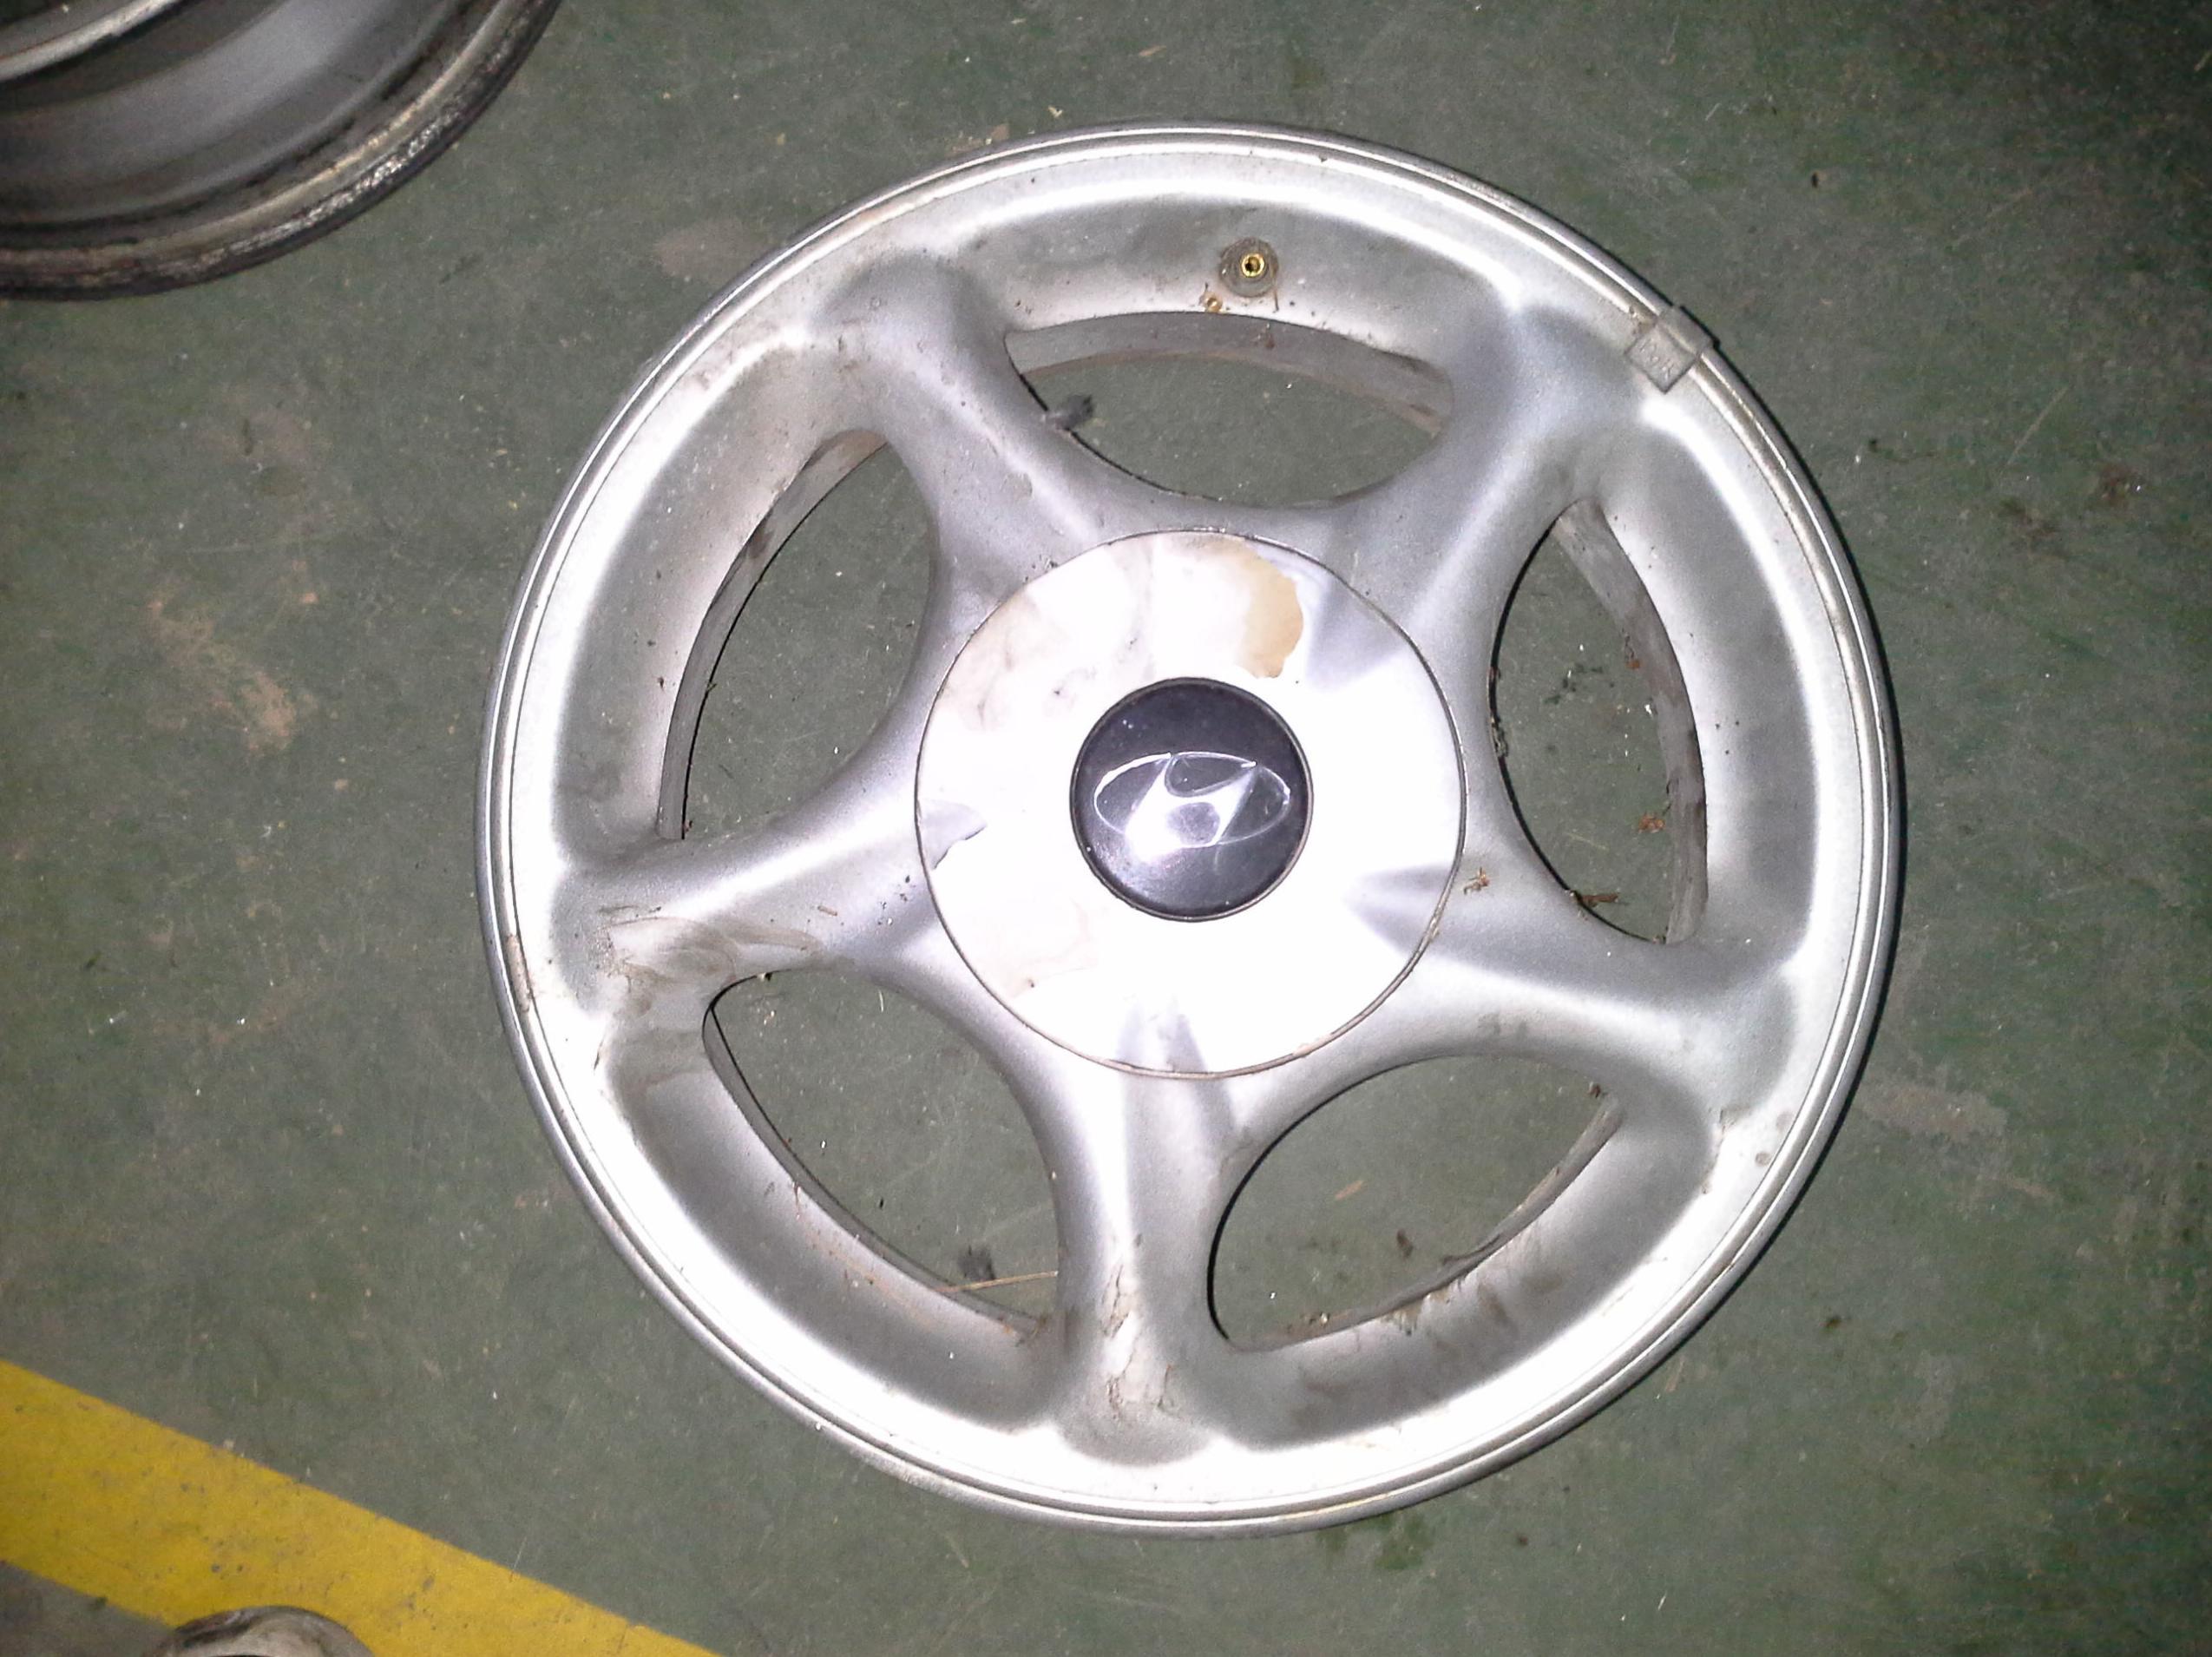 Juego de llantas de aluminio de Hyundai en R-15 de 4 tornillos